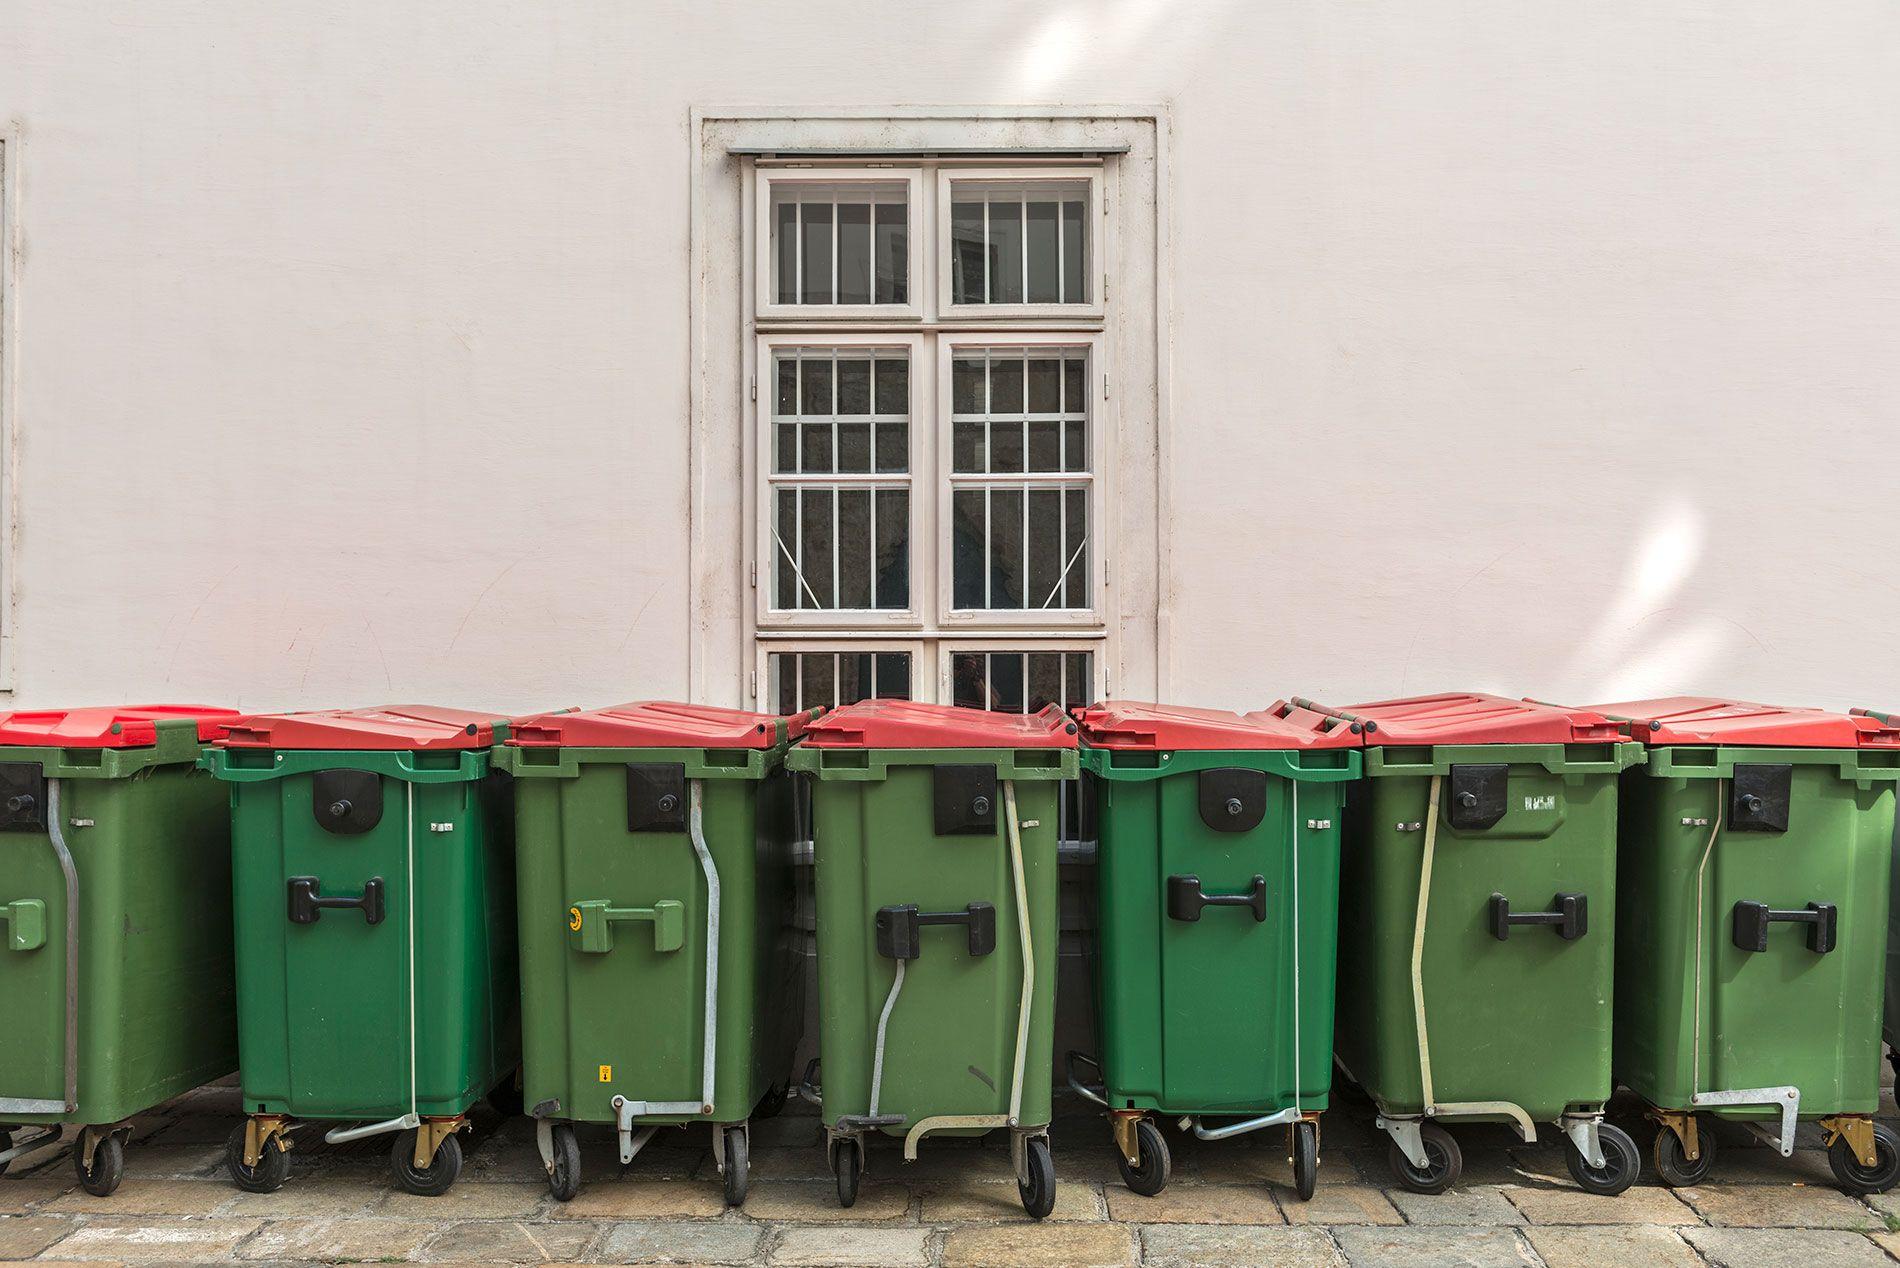 Contenedores de basura en Viena